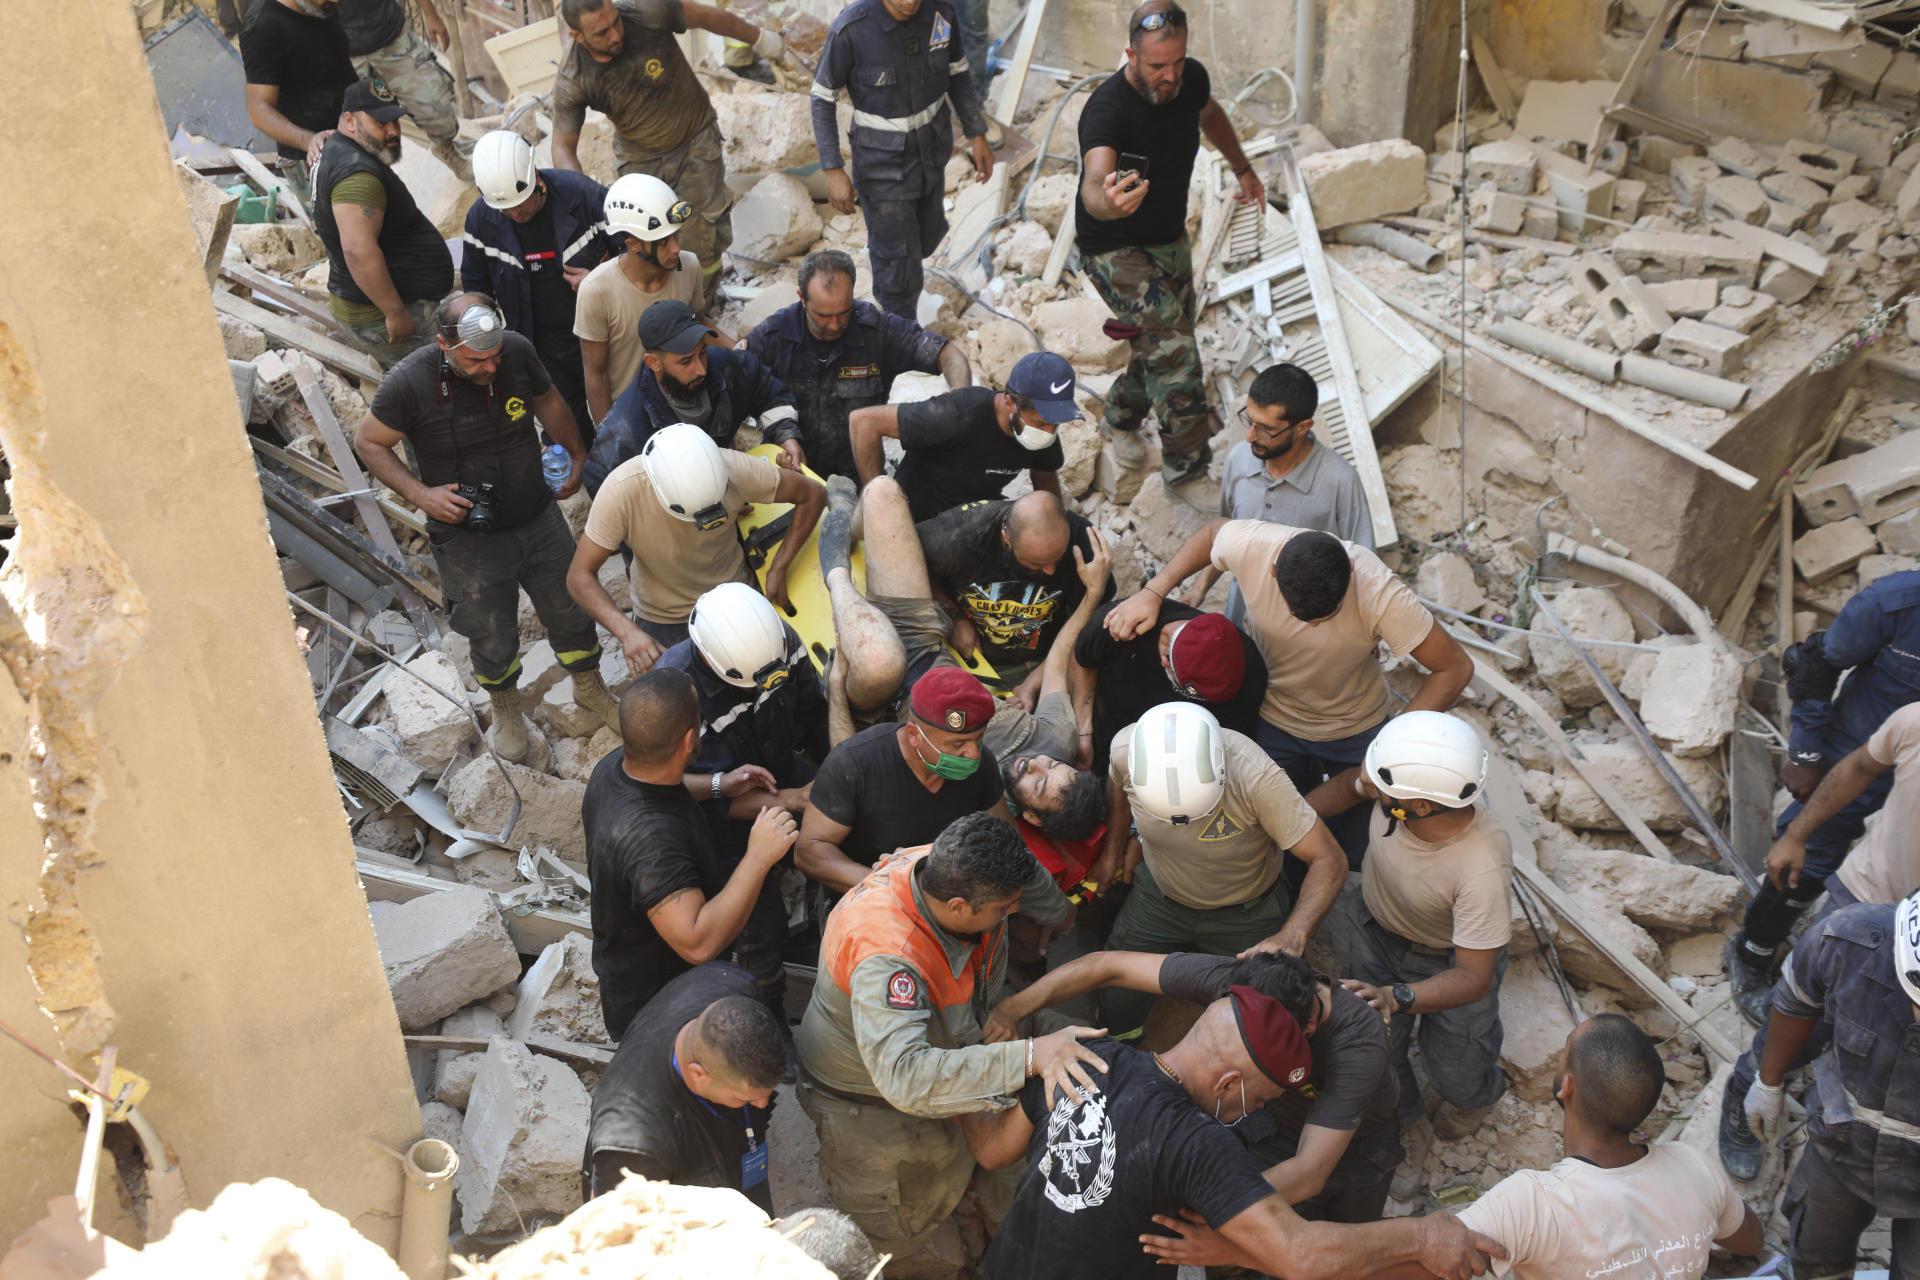 Alors que les sauveteurs cherchent encore des disparus, un survivant est sorti des décombres au lendemain de l'explosion du 4 août, à Beyrouth.